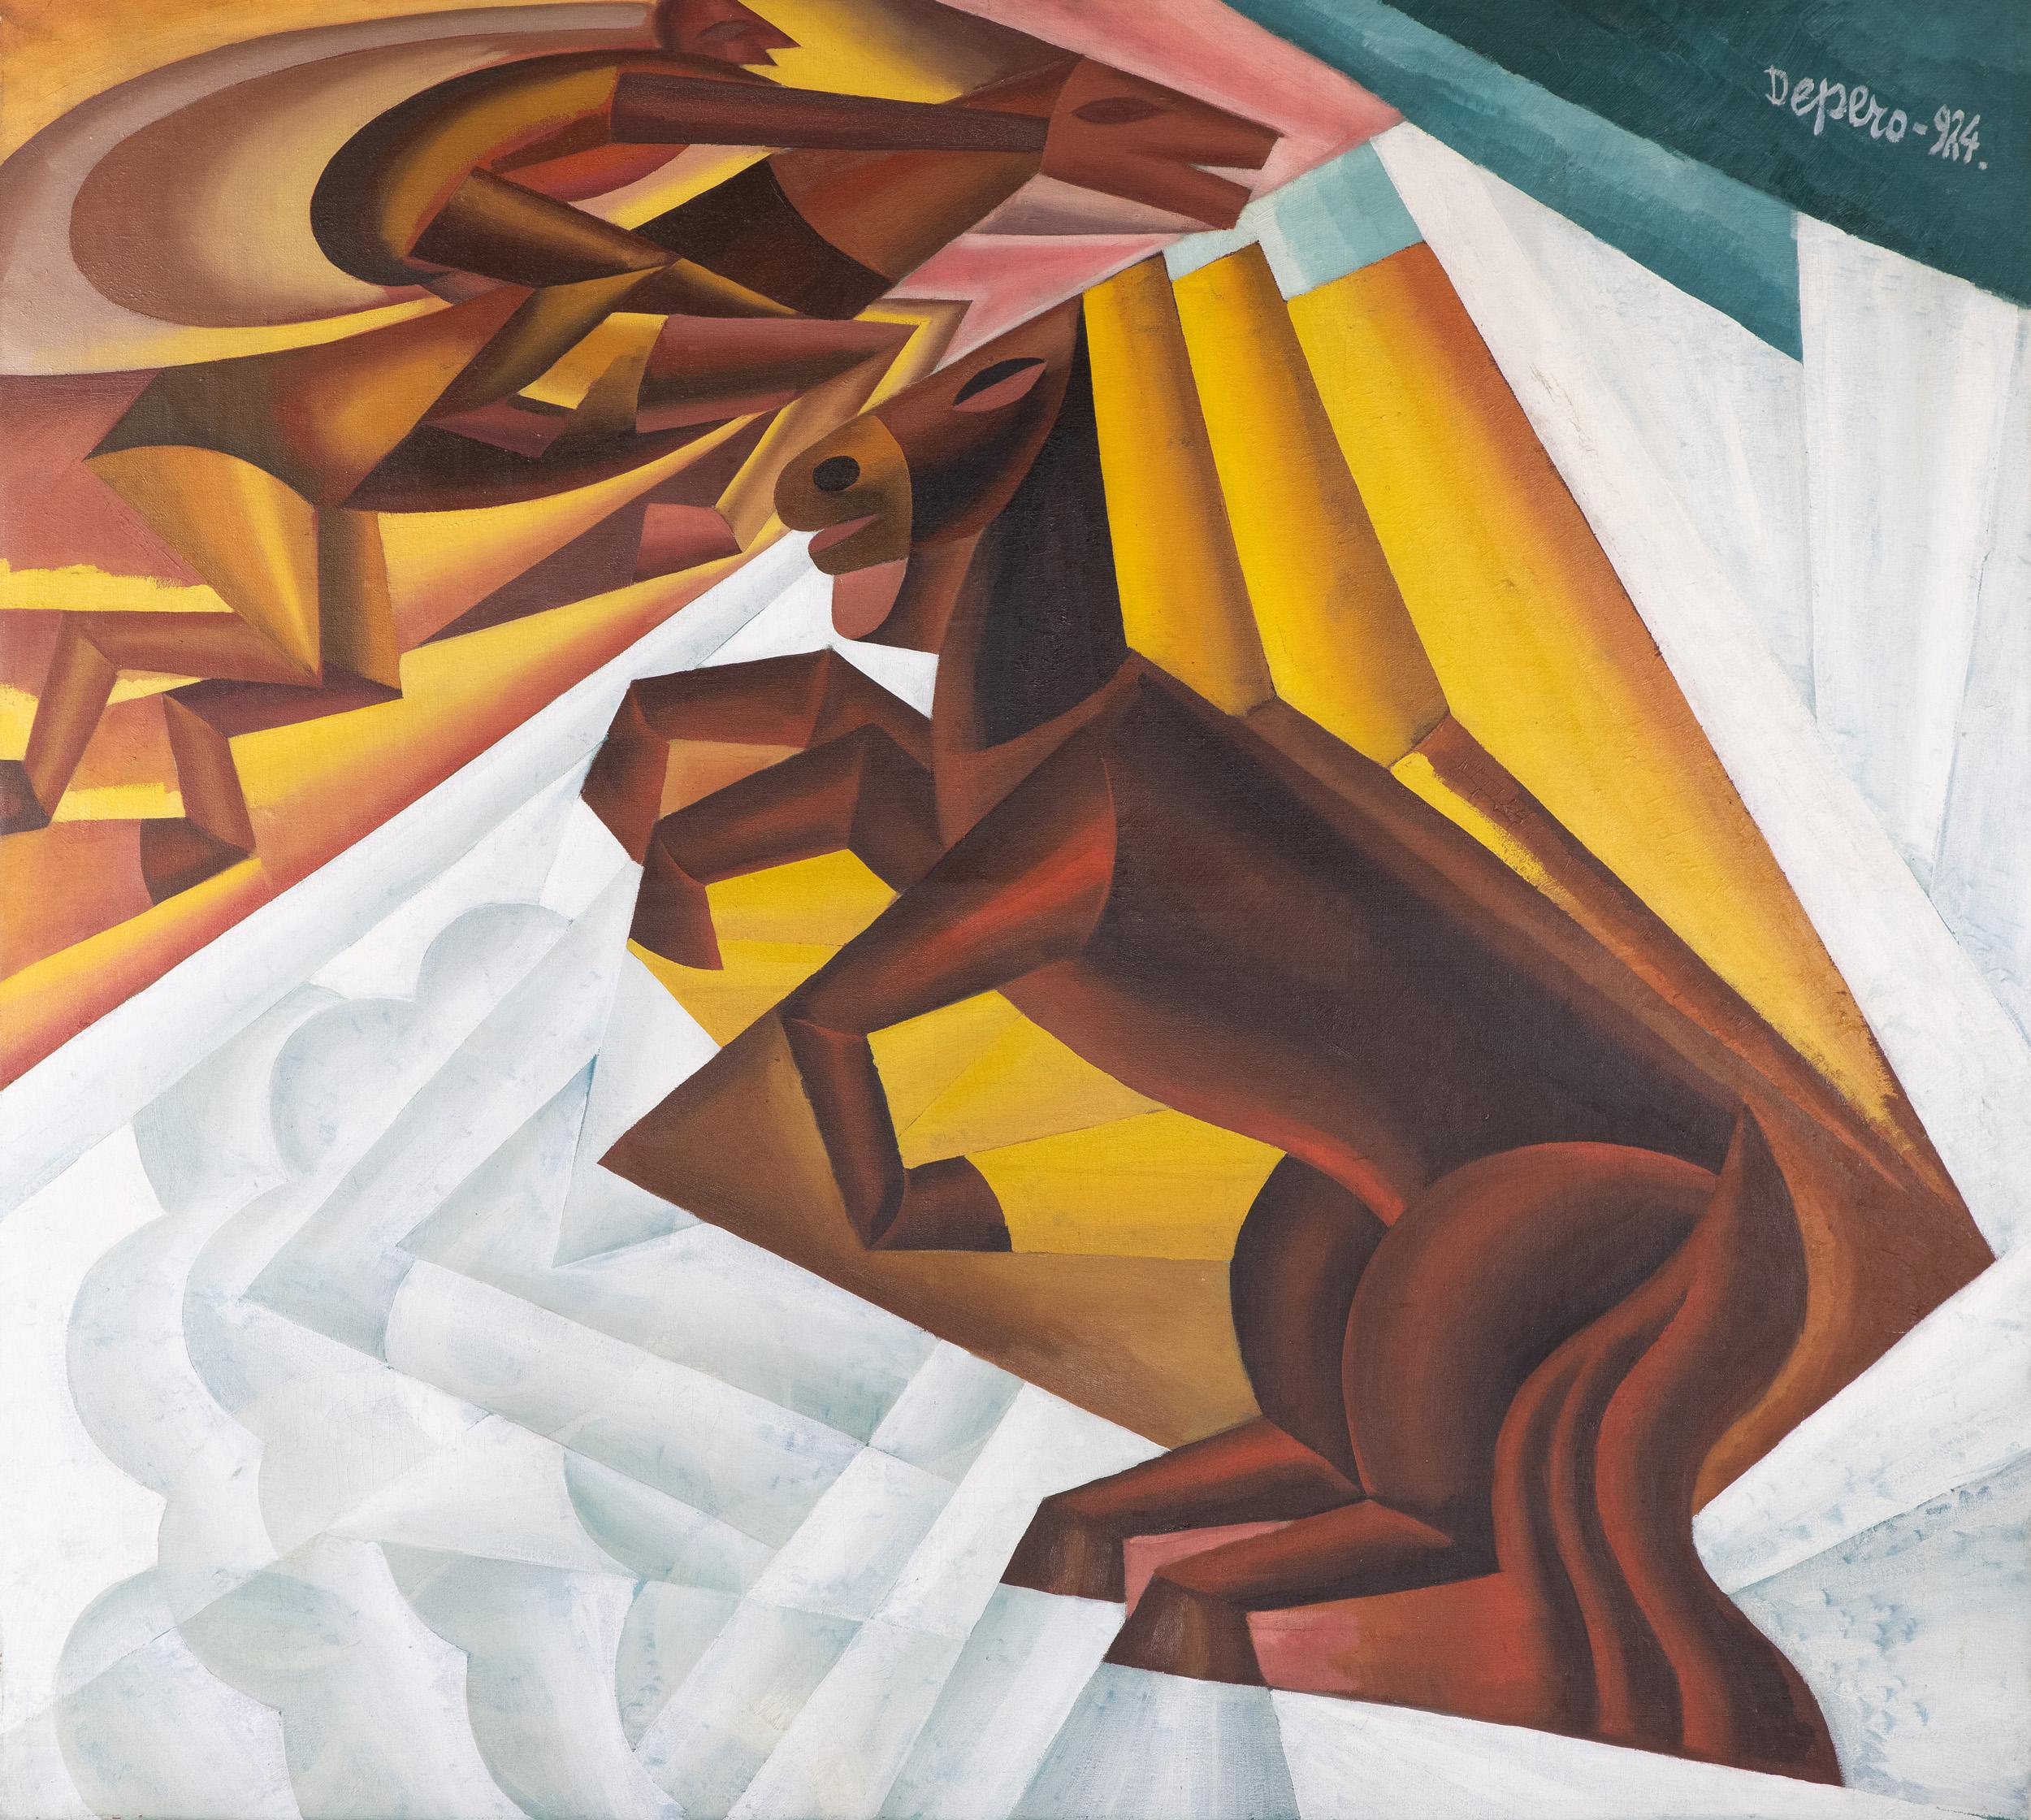 """Fortunato Depero, """"Gara ippica tra le nubi"""", 1924, olio su tela, Courtesy Archivio Depero"""